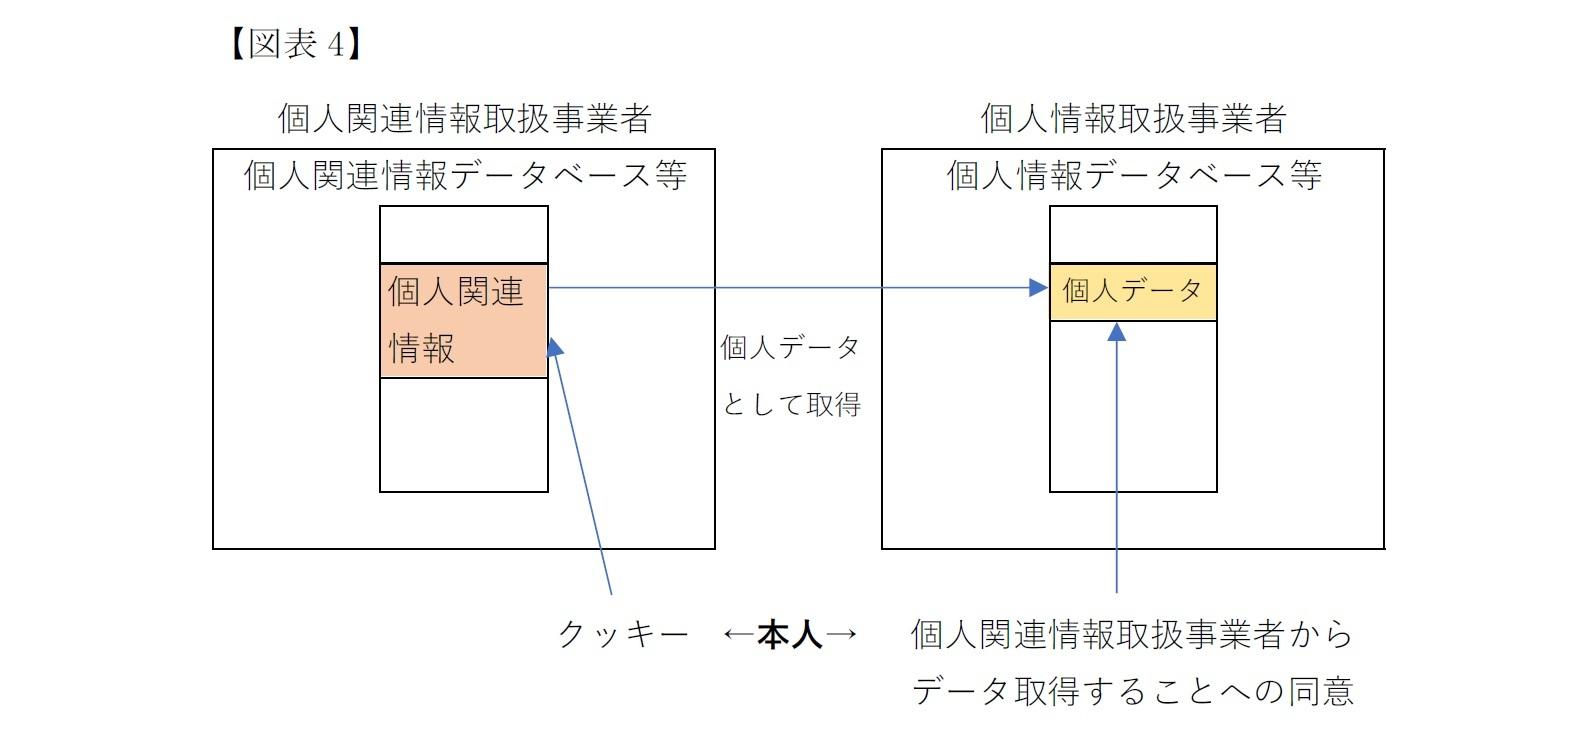 (図表4)提供先で個人情報になるデータ提供規制の導入